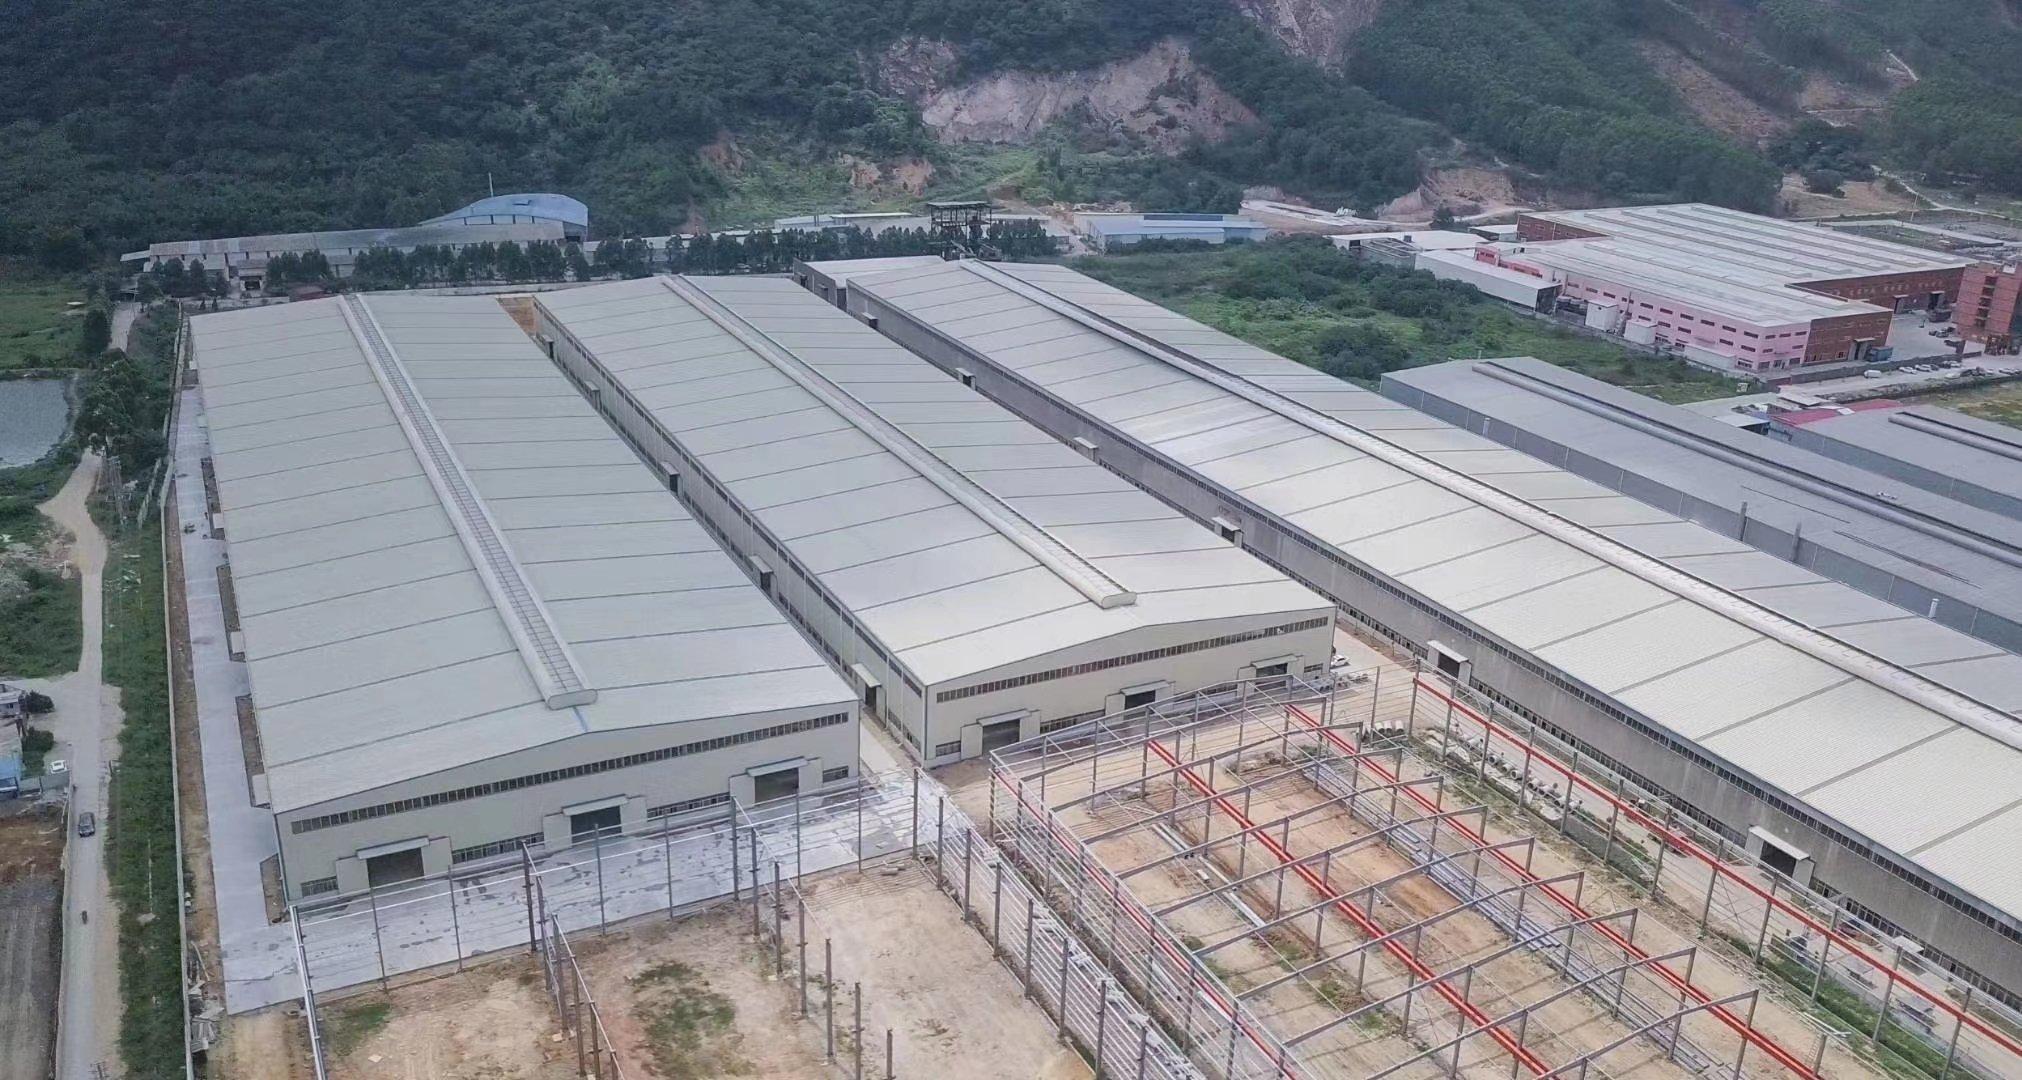 肇庆金利镇花园厂房70000平方钢构有房产证蒸汽管道天然气管-图3